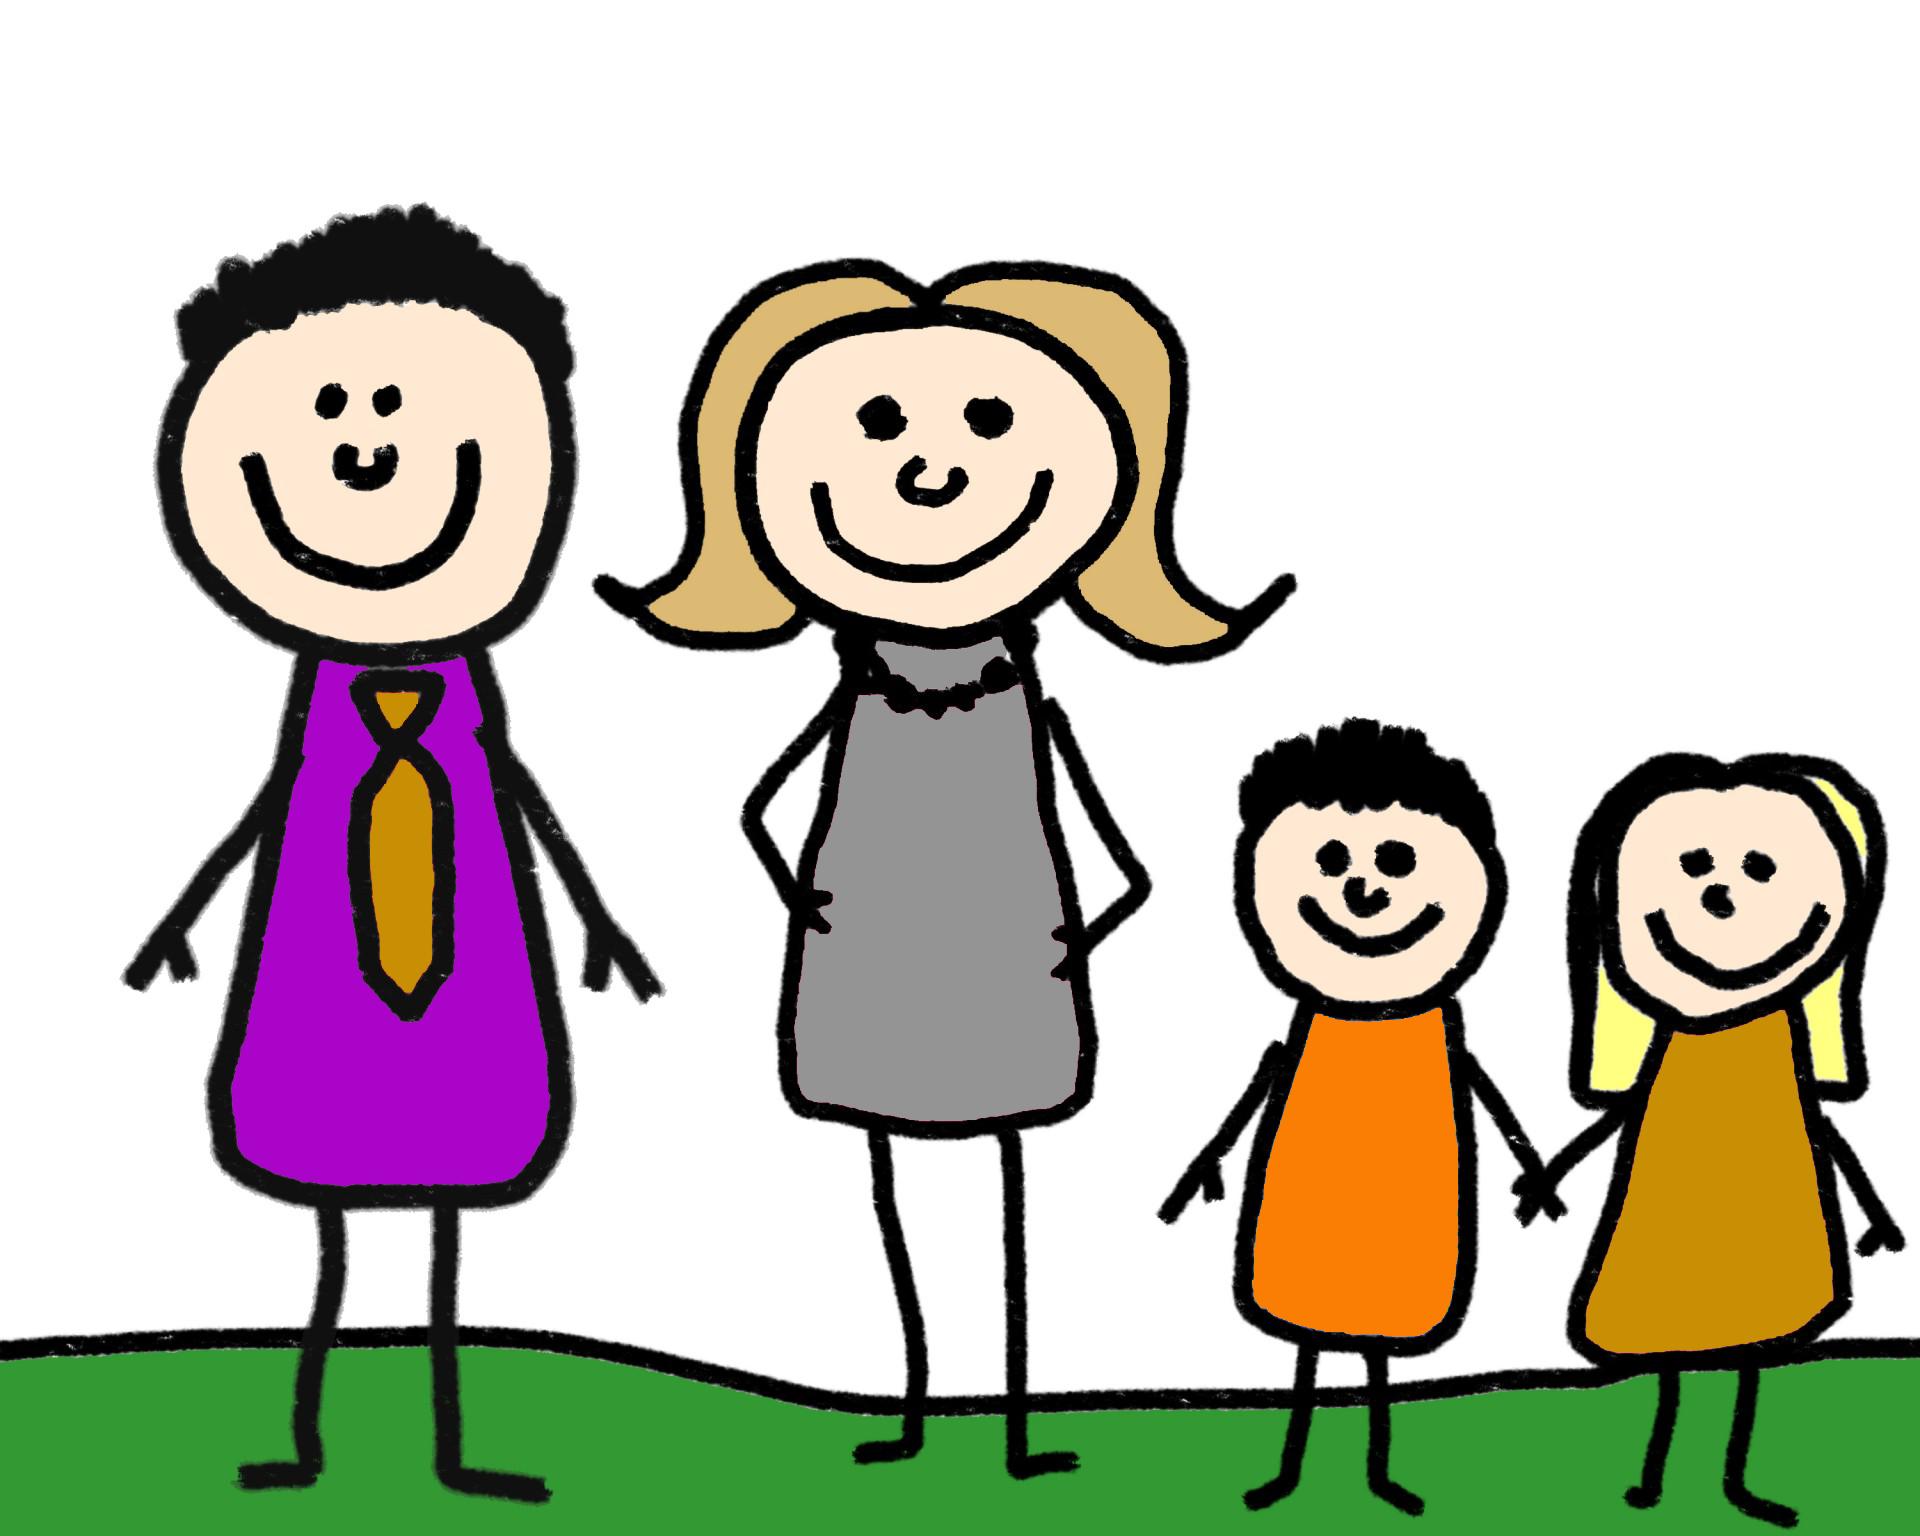 familie - Familienstand, Familie, Kinder